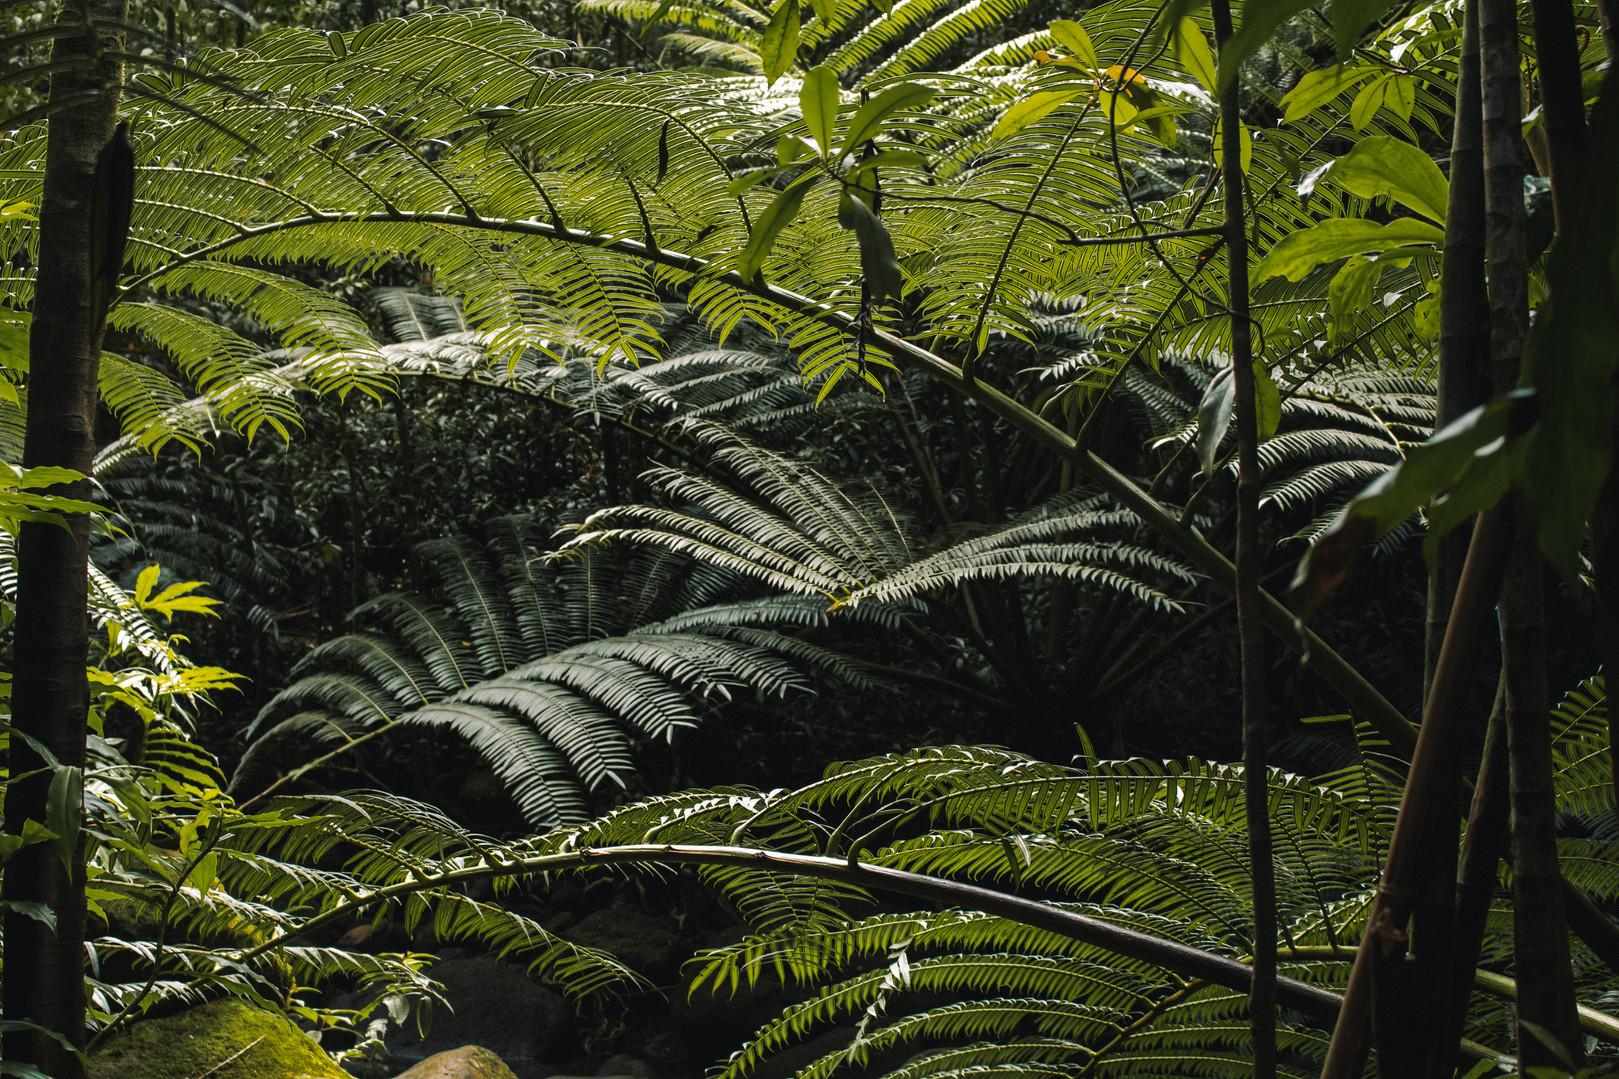 Manoa Trails